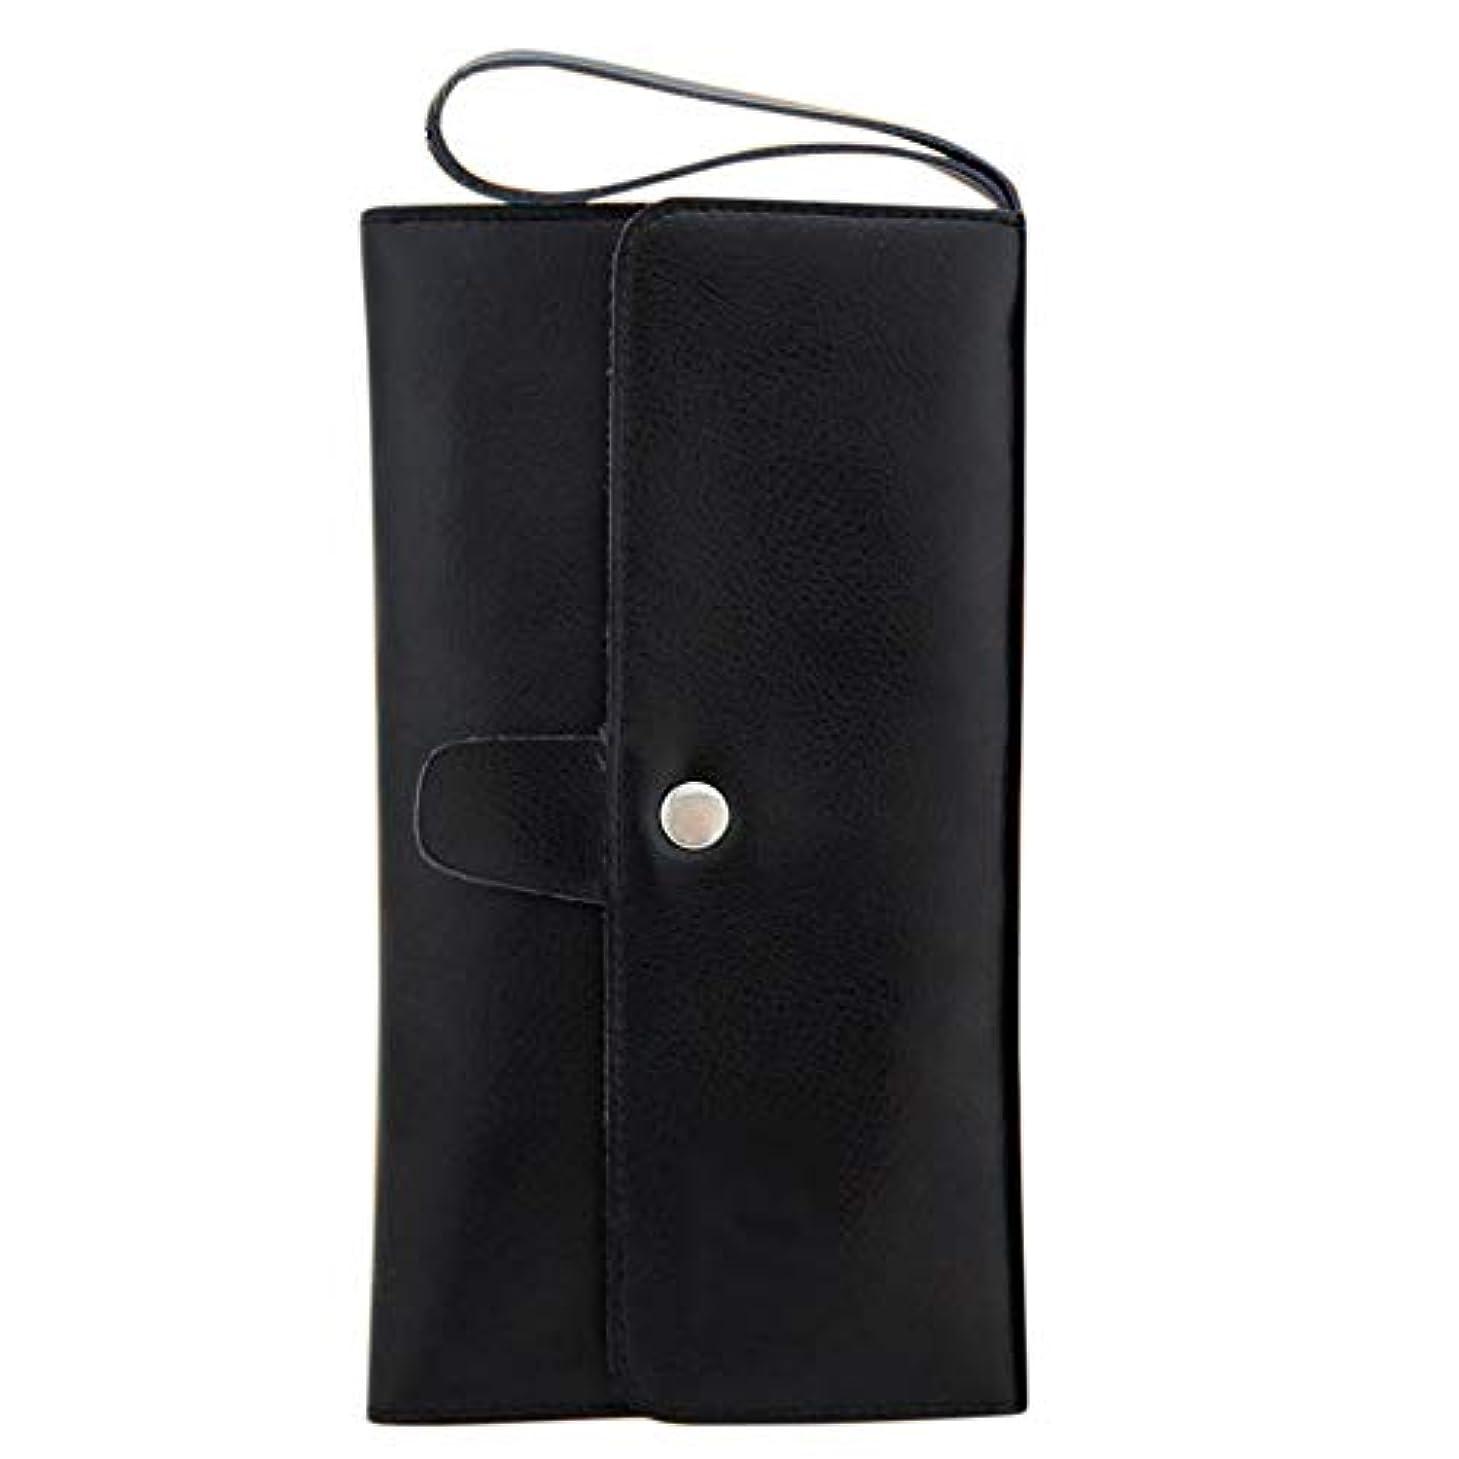 魅惑的なカート啓示ペットツールバッグレザーヘアはさみポーチバーバーくし収納袋 モデリングツール (色 : 黒)